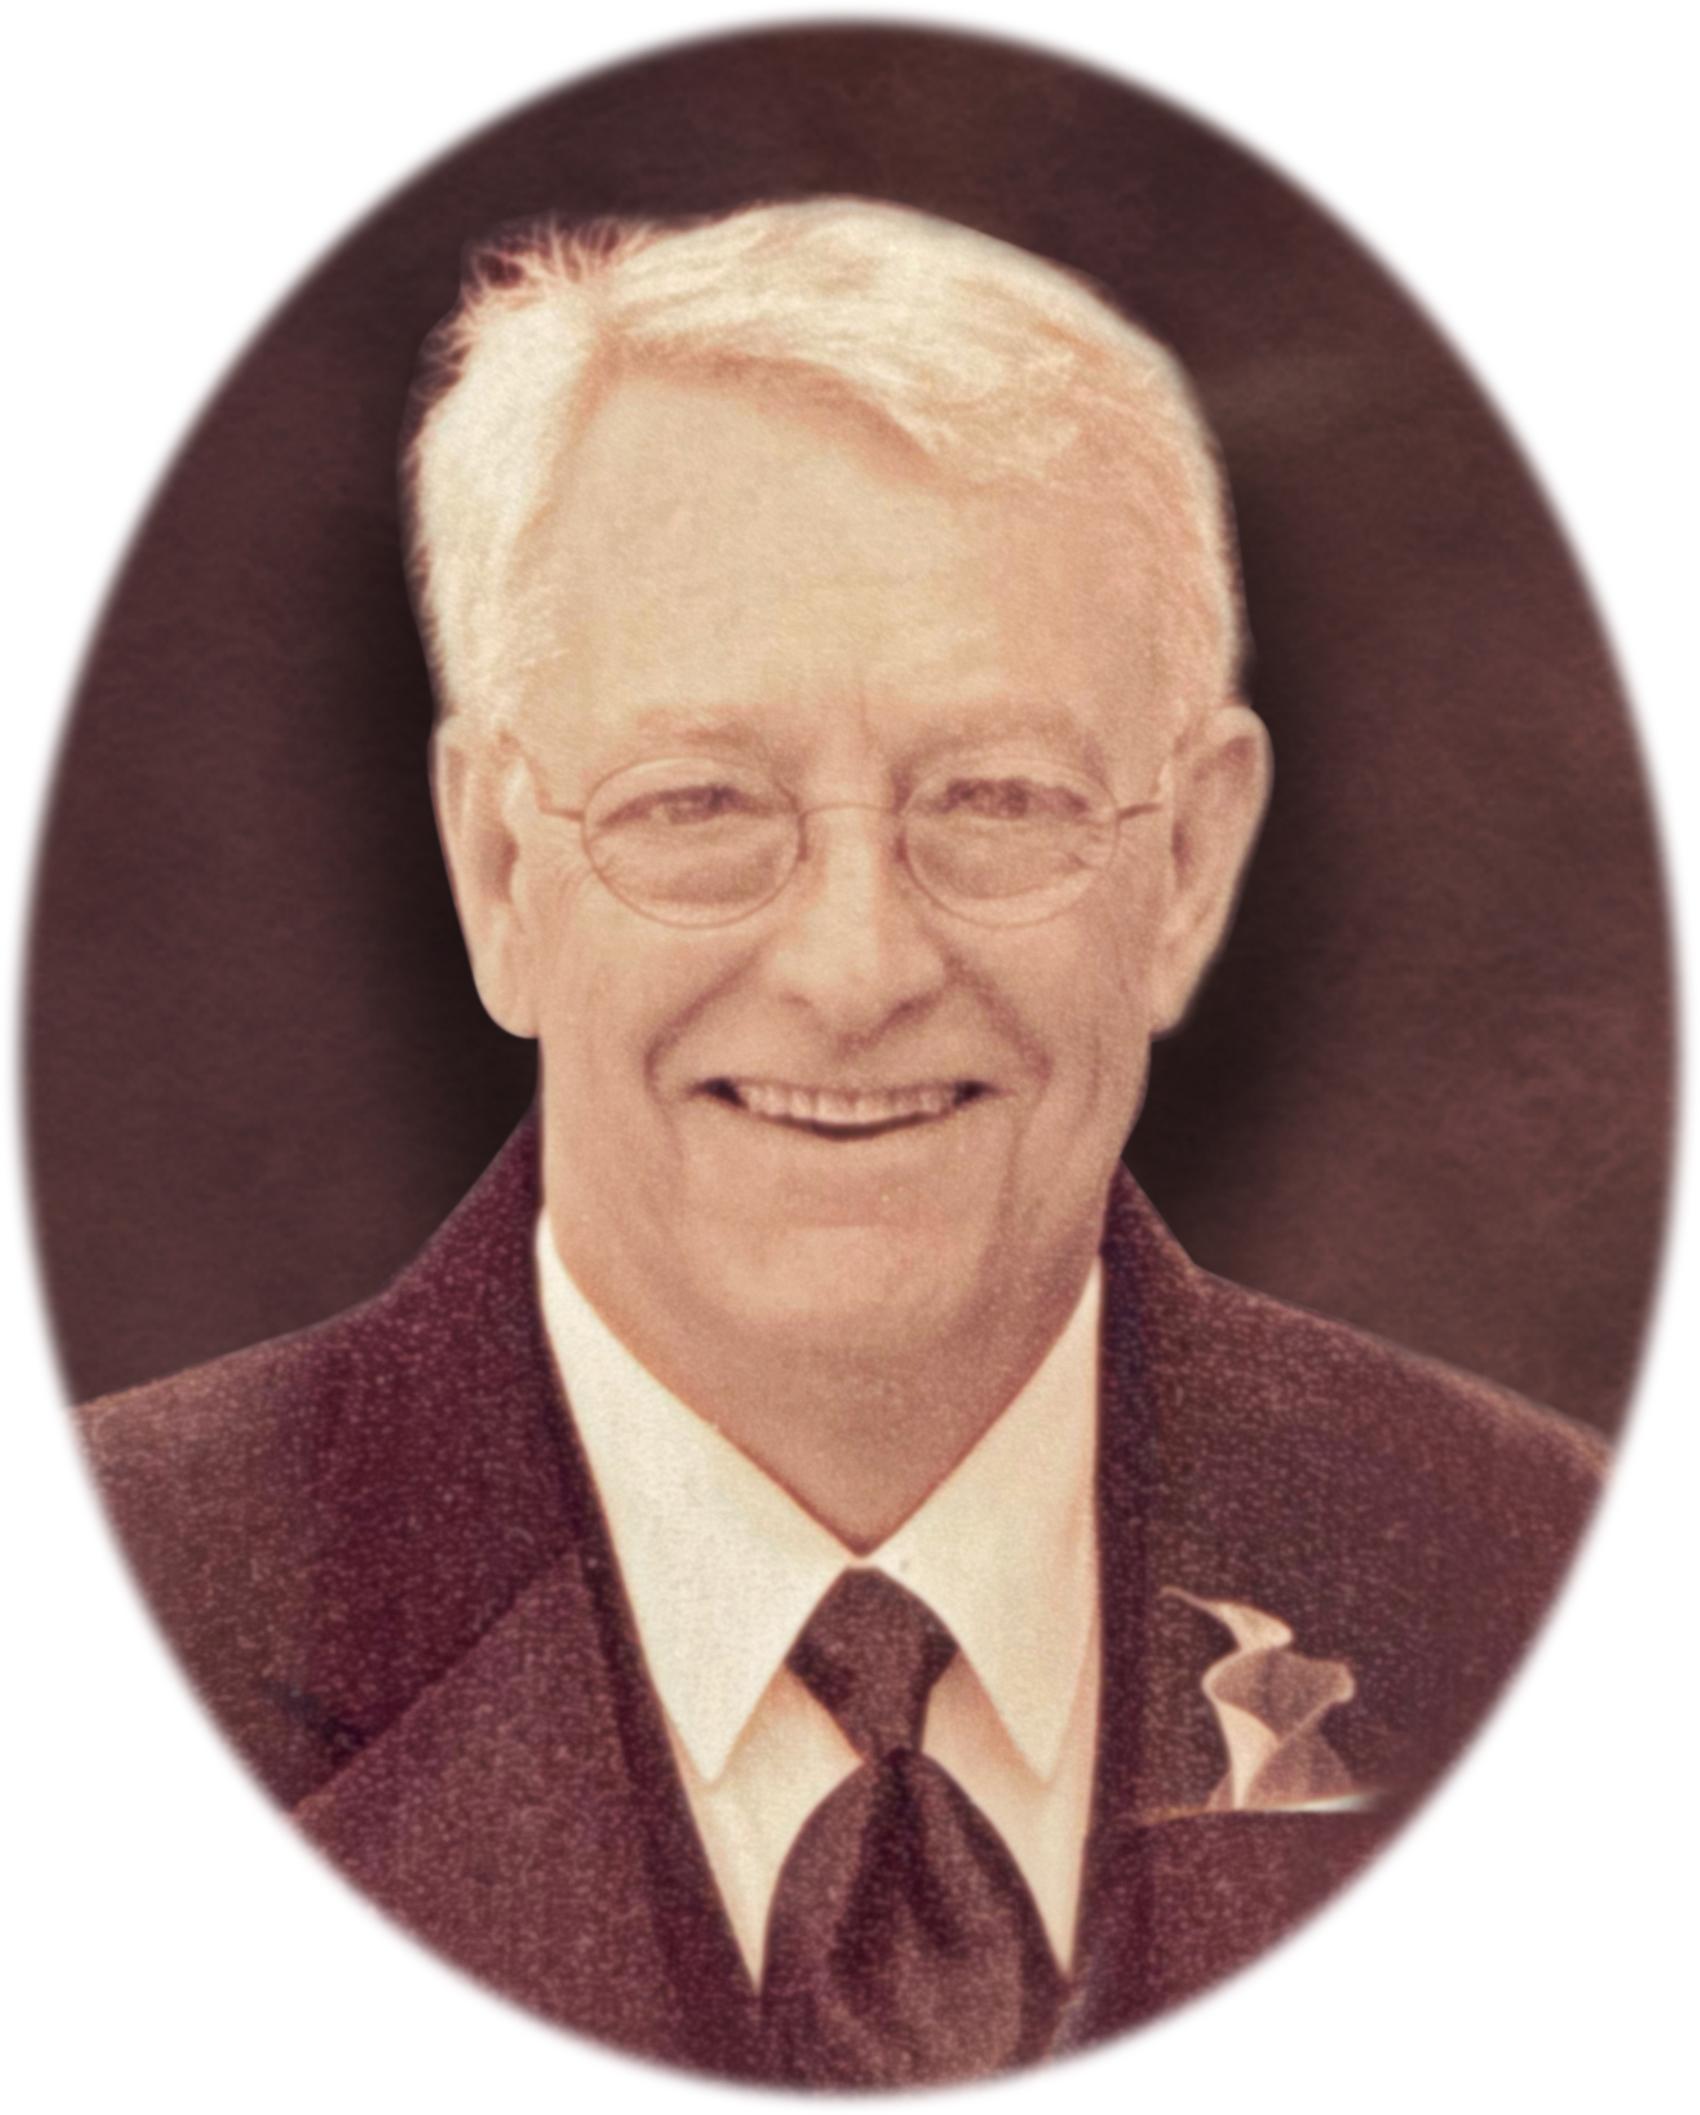 Michael C. Wiese